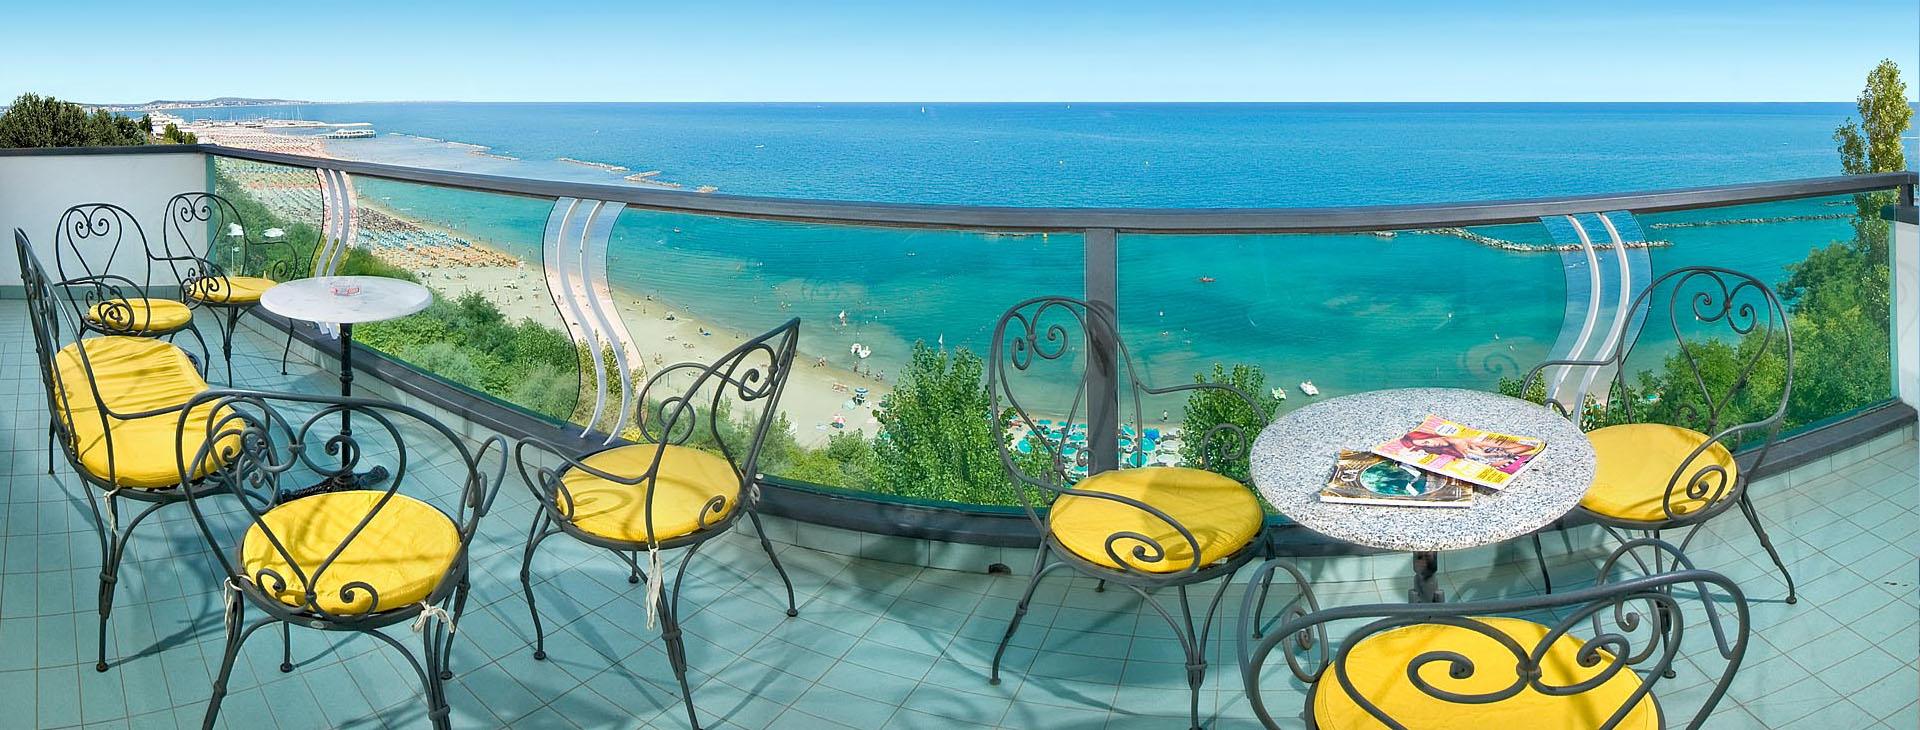 Hotel majestic a gabicce mare 4 stelle sul mare con piscina - Hotel sul mare con piscina ...